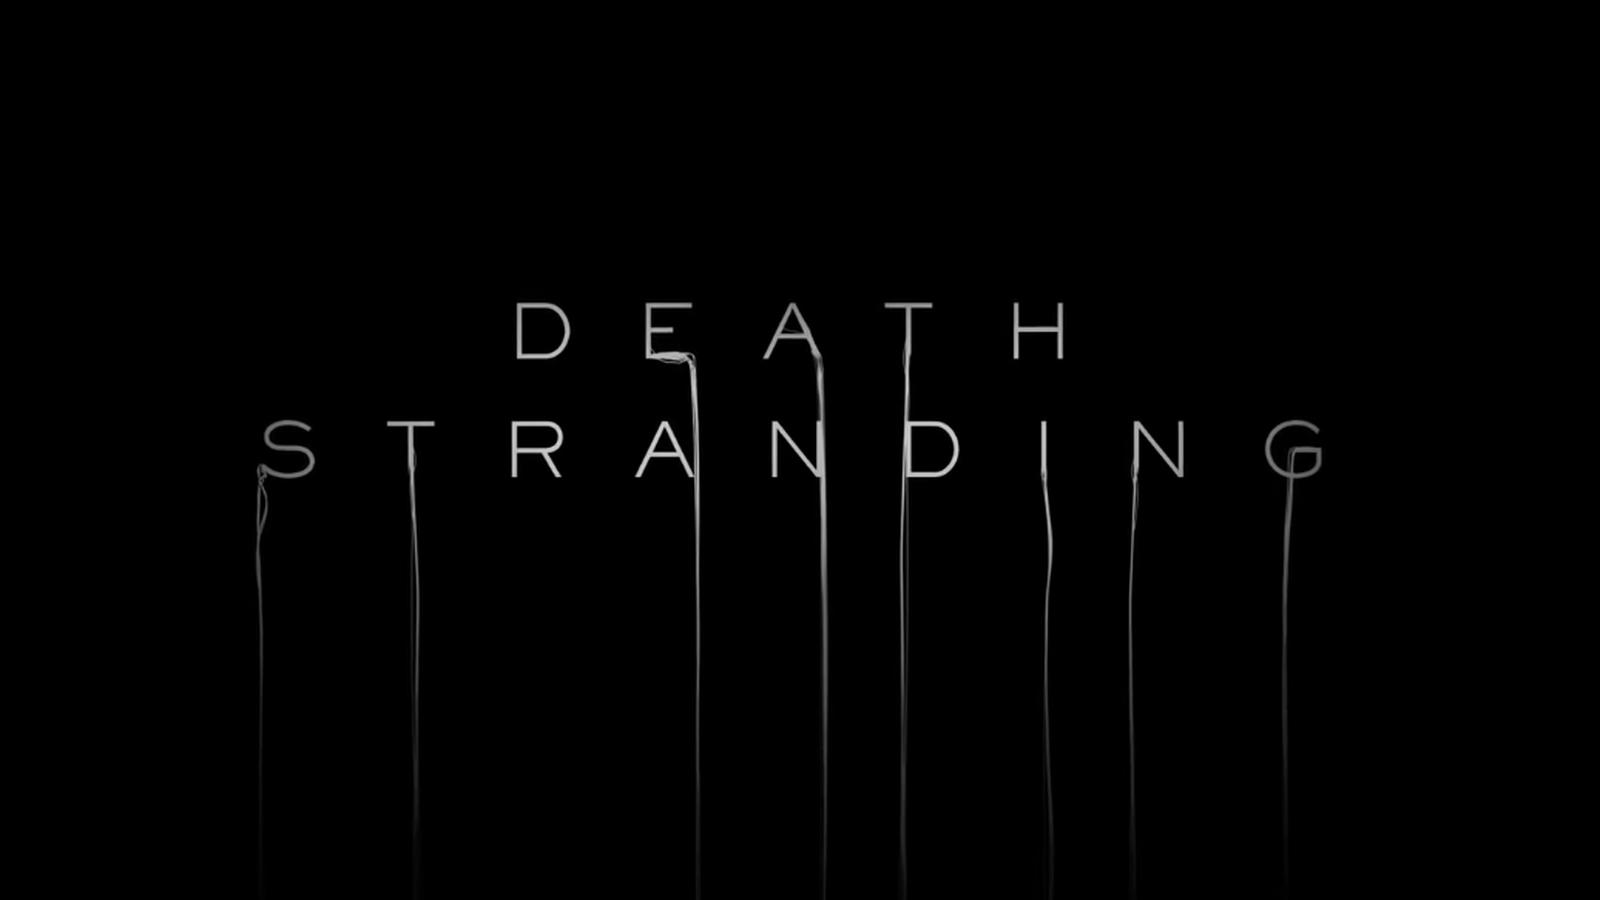 death stranding logo wallpaper 68112